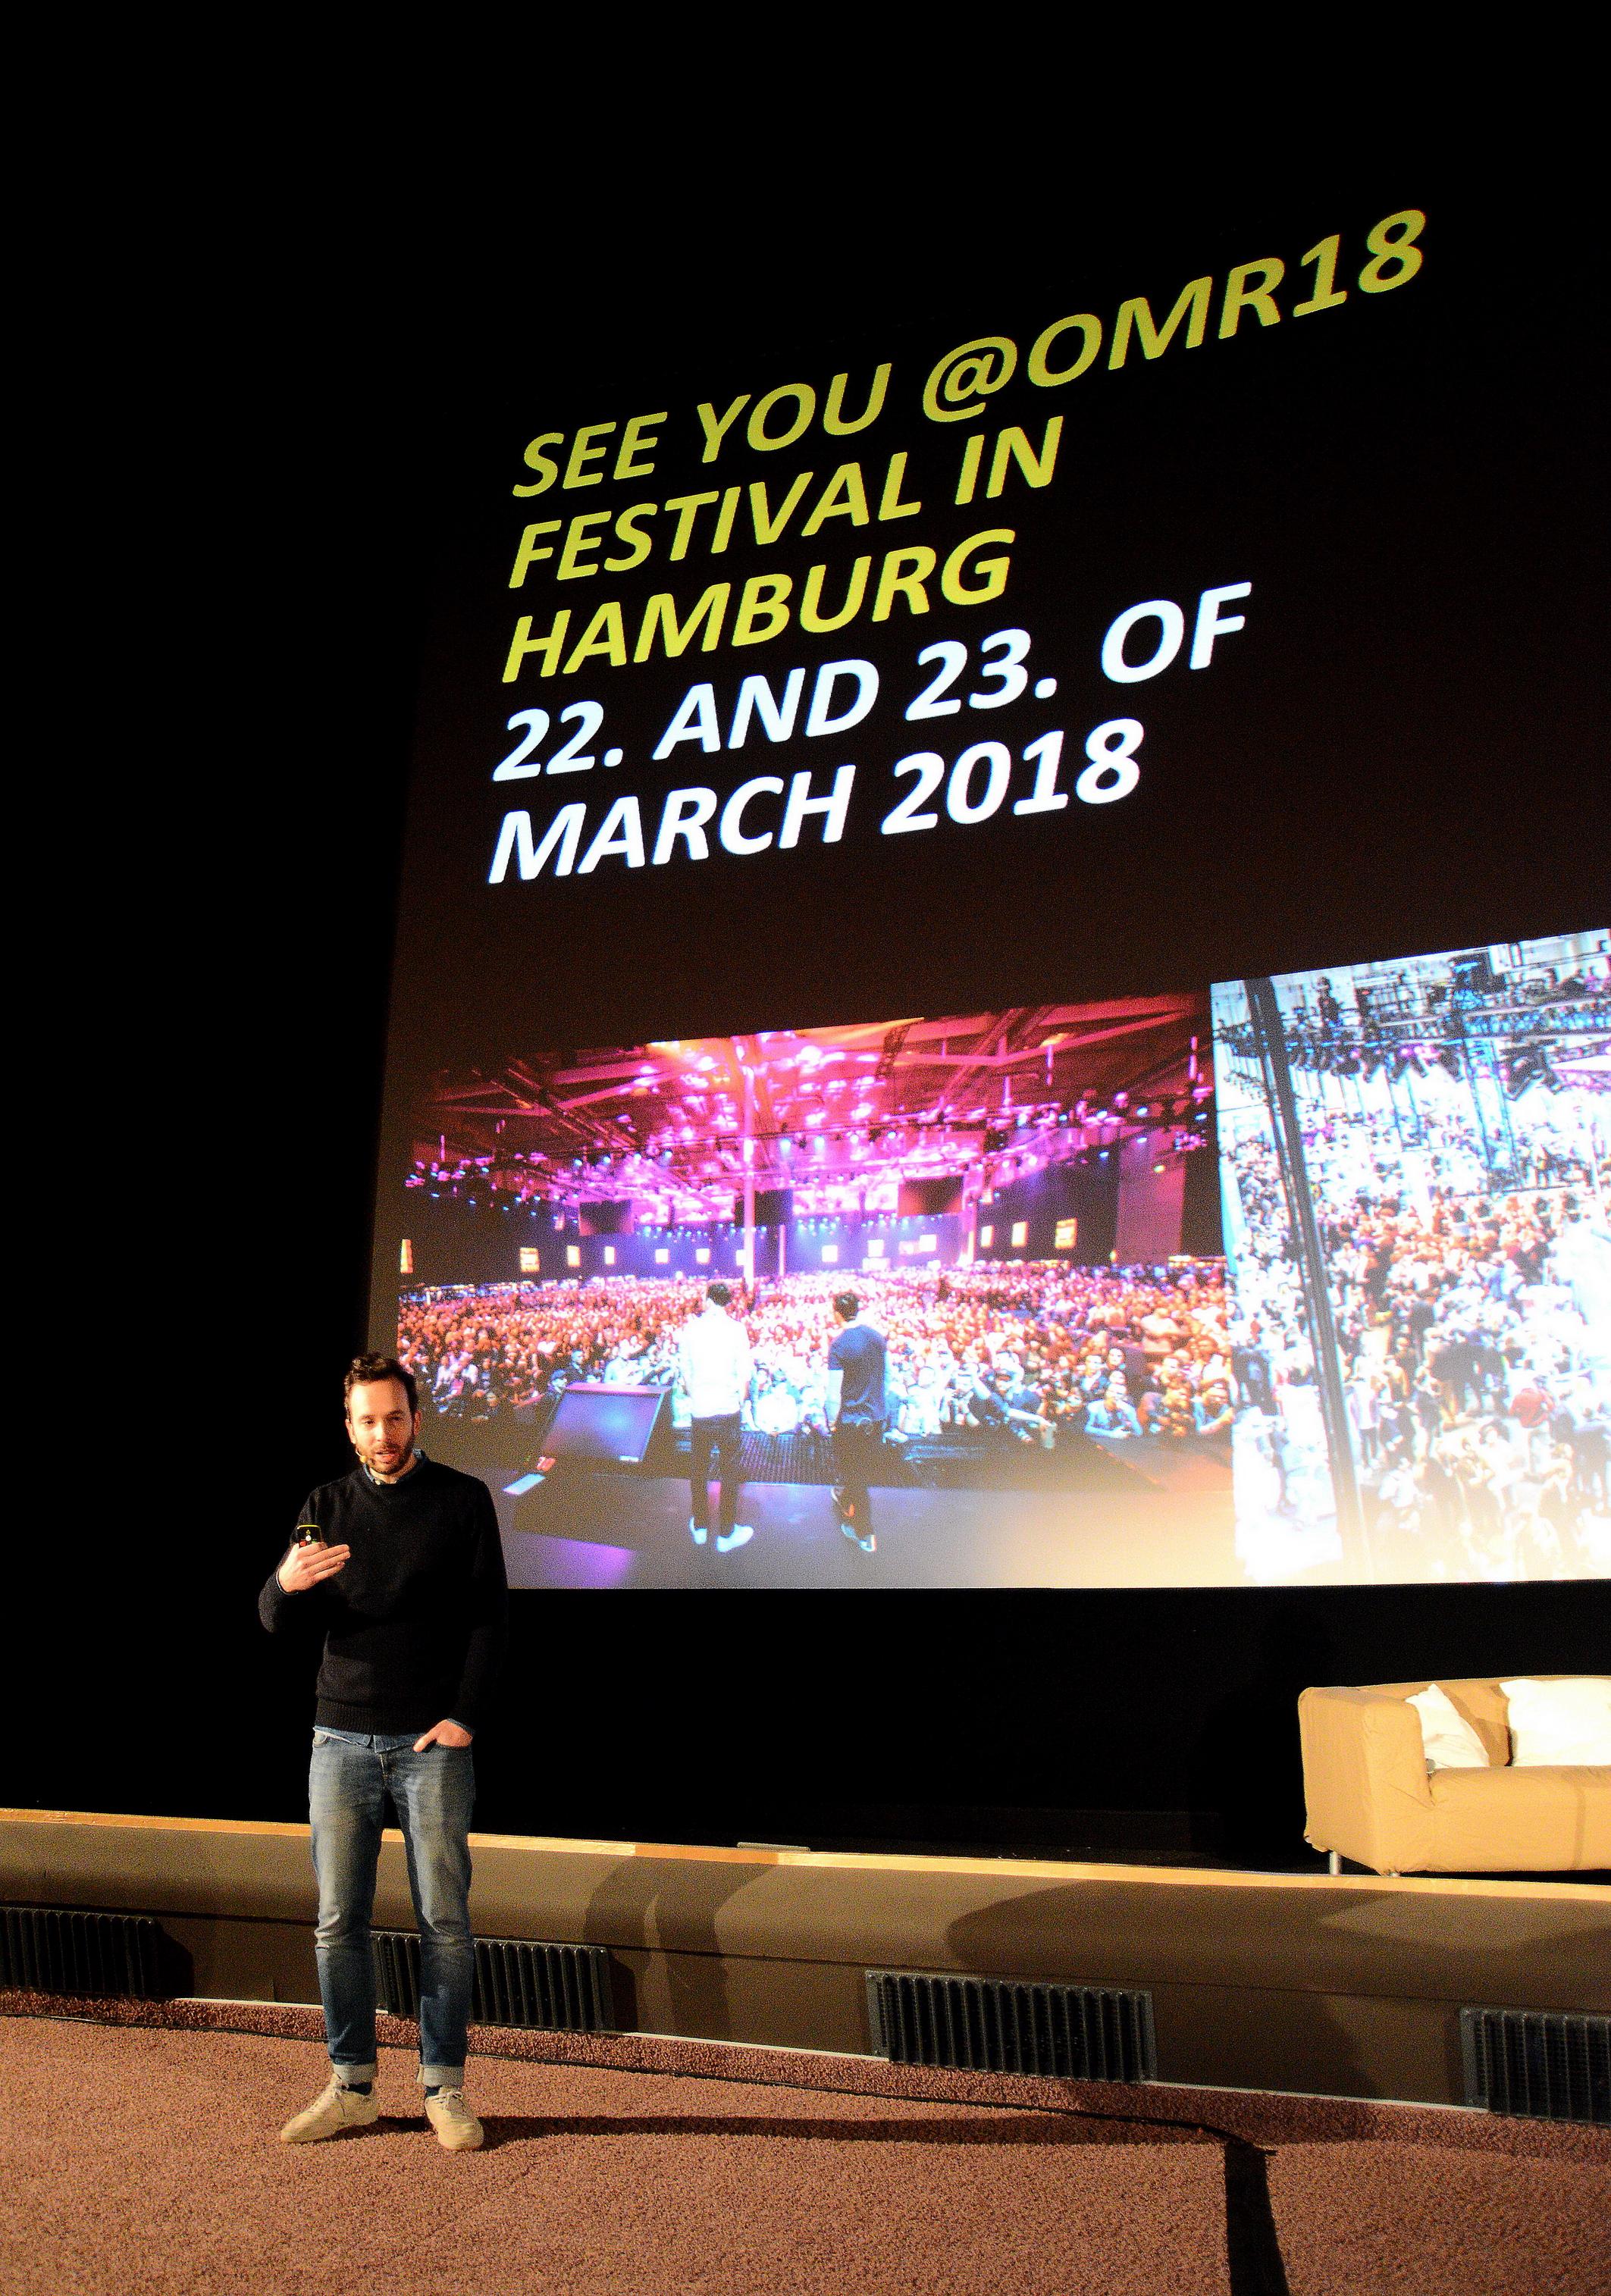 Foto: Michael B. Rehders Mit zahlreichen Videos wurde eine sechsstellige Fangemeinde aufgebaut. Wird über diesen Kanal zu einem Event aufgerufen, hat die Einladung so viel Gewicht, dass zahlreiche User dieser Einladung auch folgen. Marketing durch Authentizität.